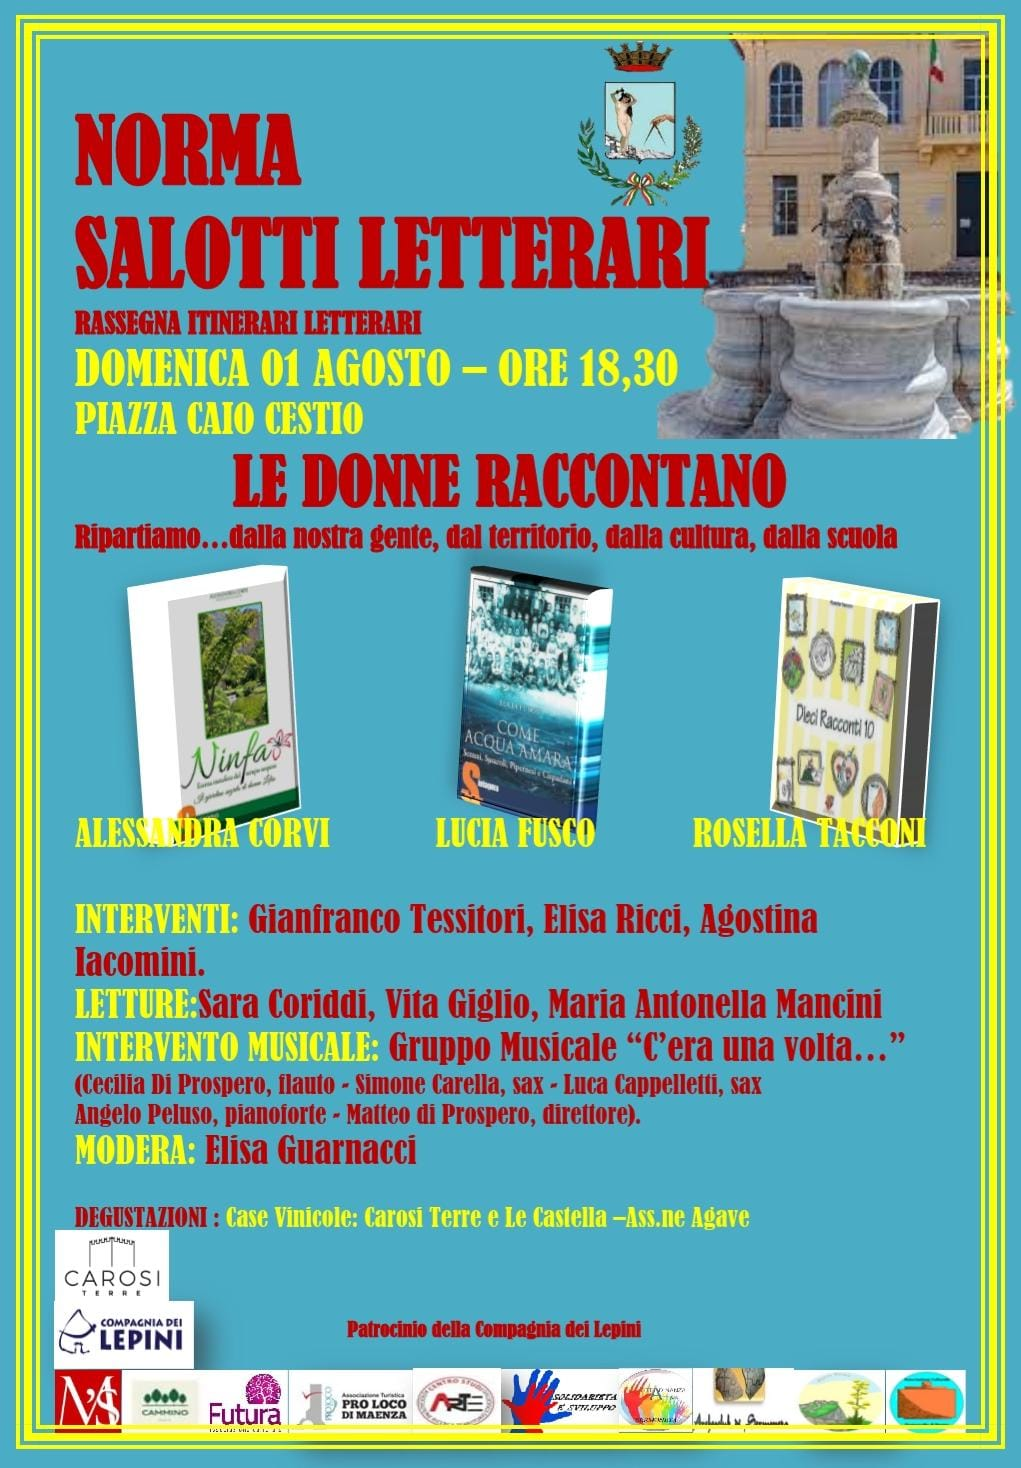 norma-salotti-letterari-1-agosto